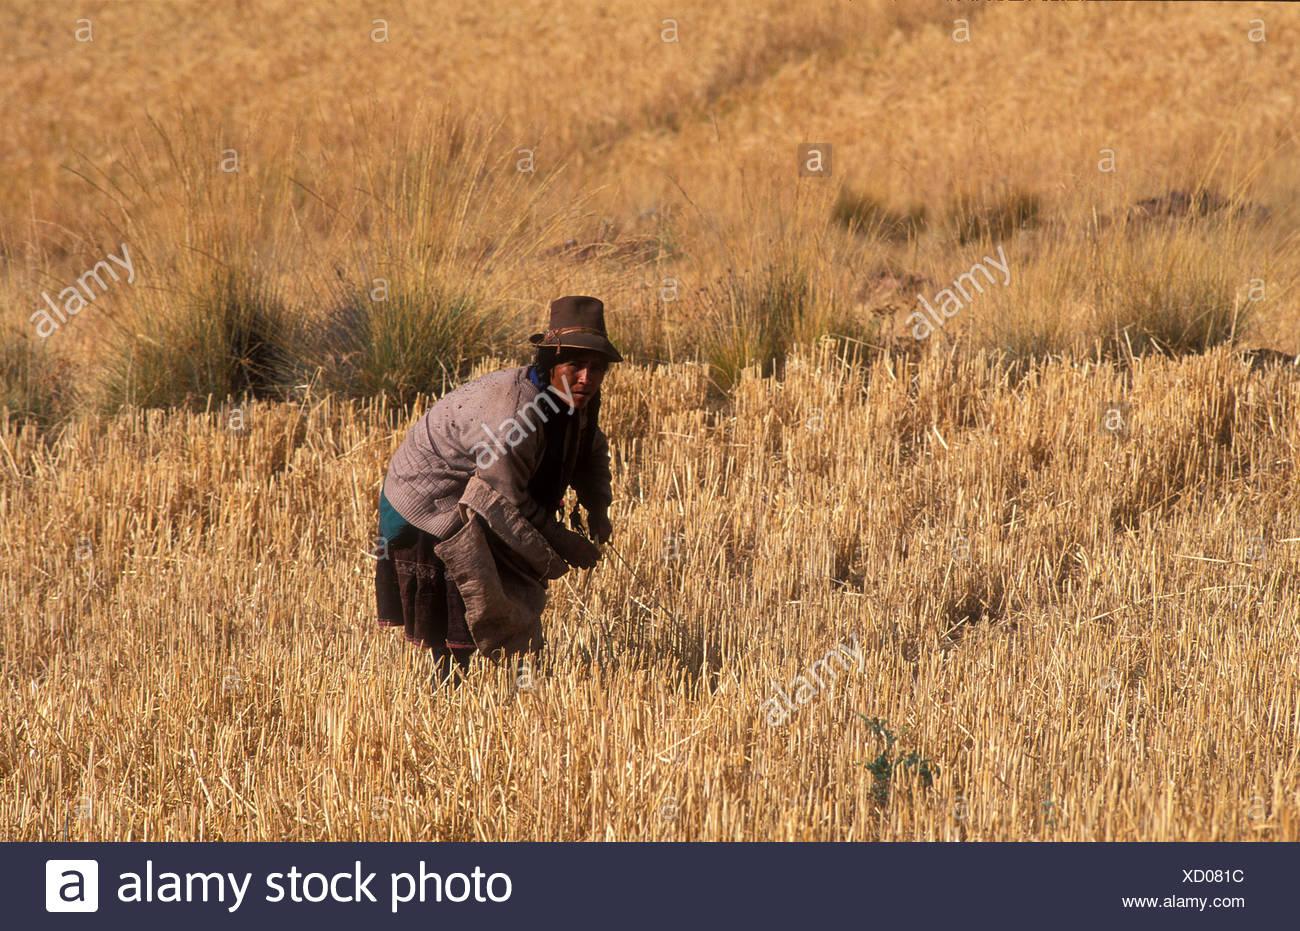 Farmer, una mujer del pueblo indígena Quechua en el trabajo en su campo, Perú, América del Sur Imagen De Stock